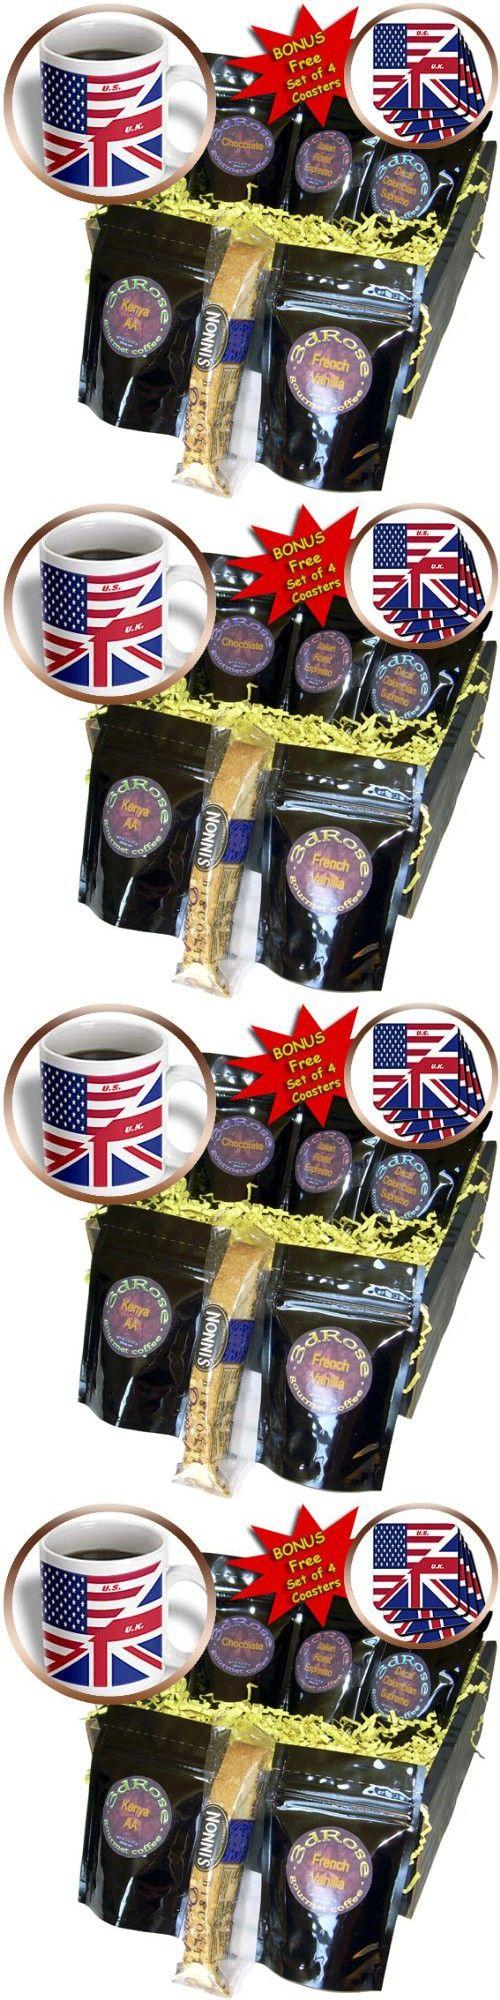 Florene Patriotic - US n UK Flags Joined - Coffee Gift Baskets - Coffee Gift Basket (cgb_45083_1)